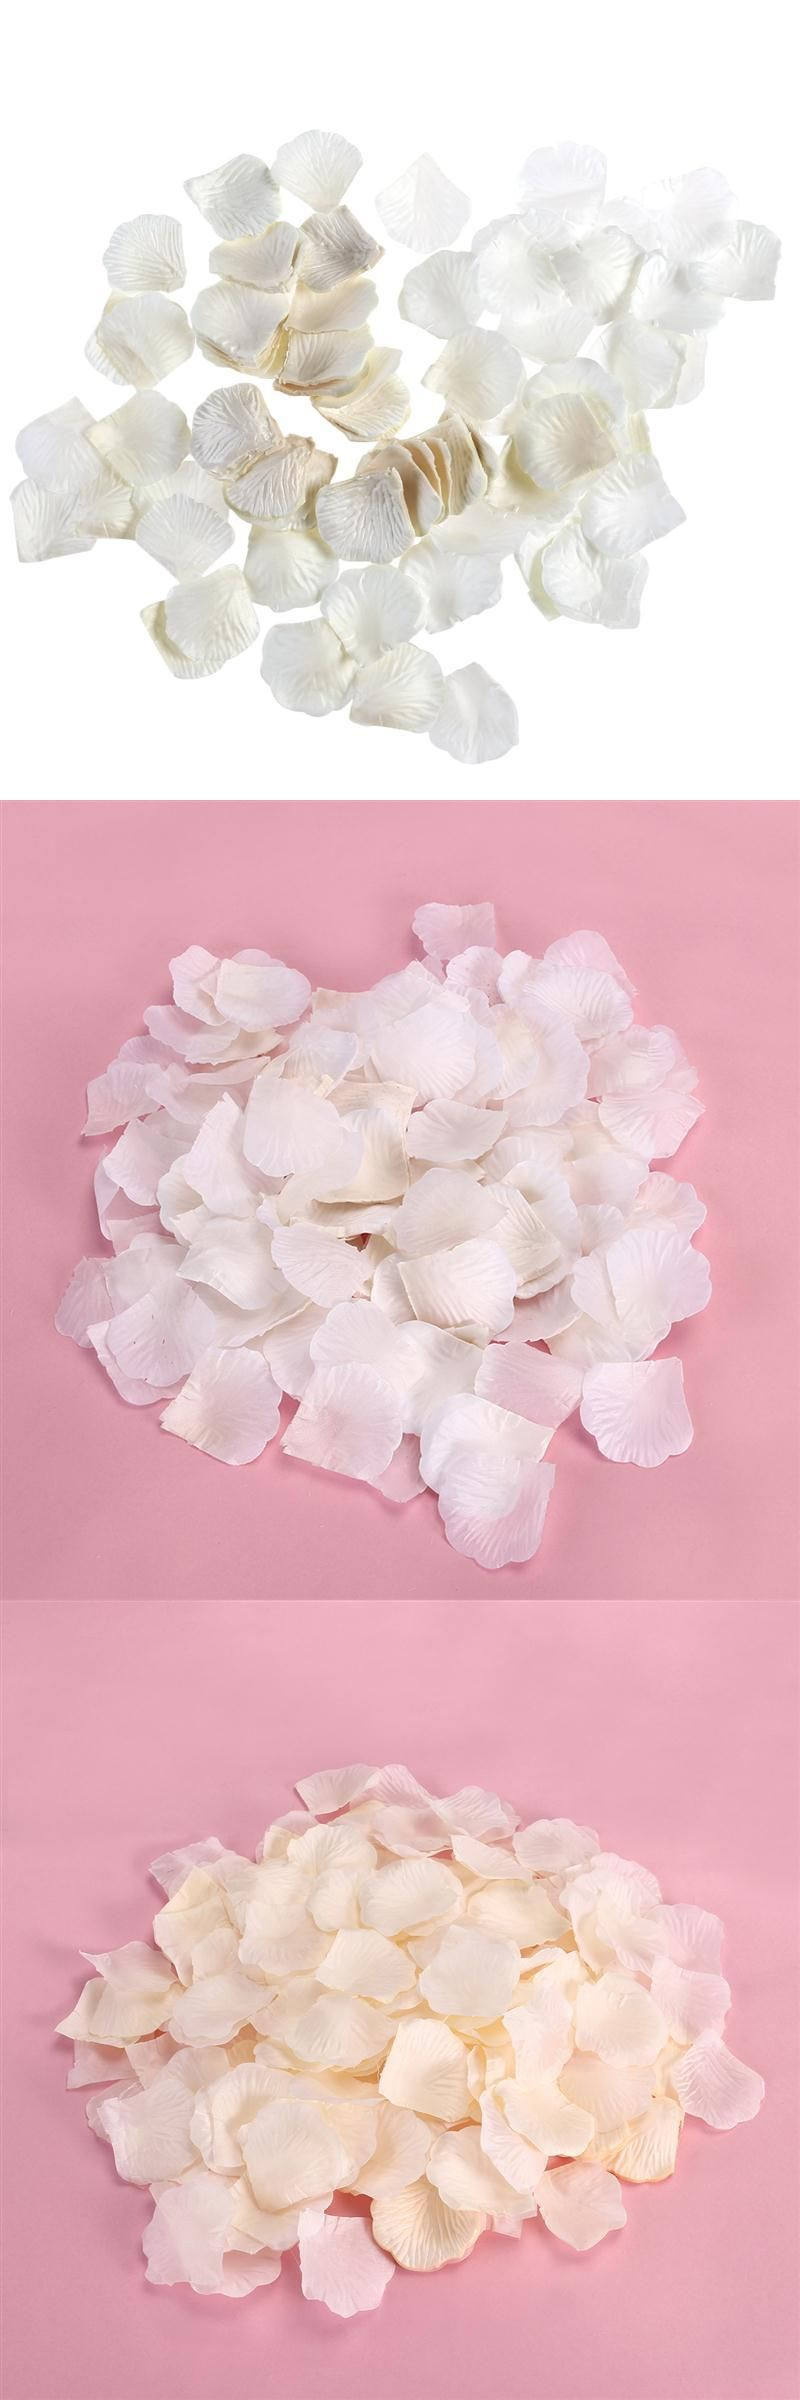 1000pcs Romantic Artificial Silk Rose Petals Proposal Wedding ...